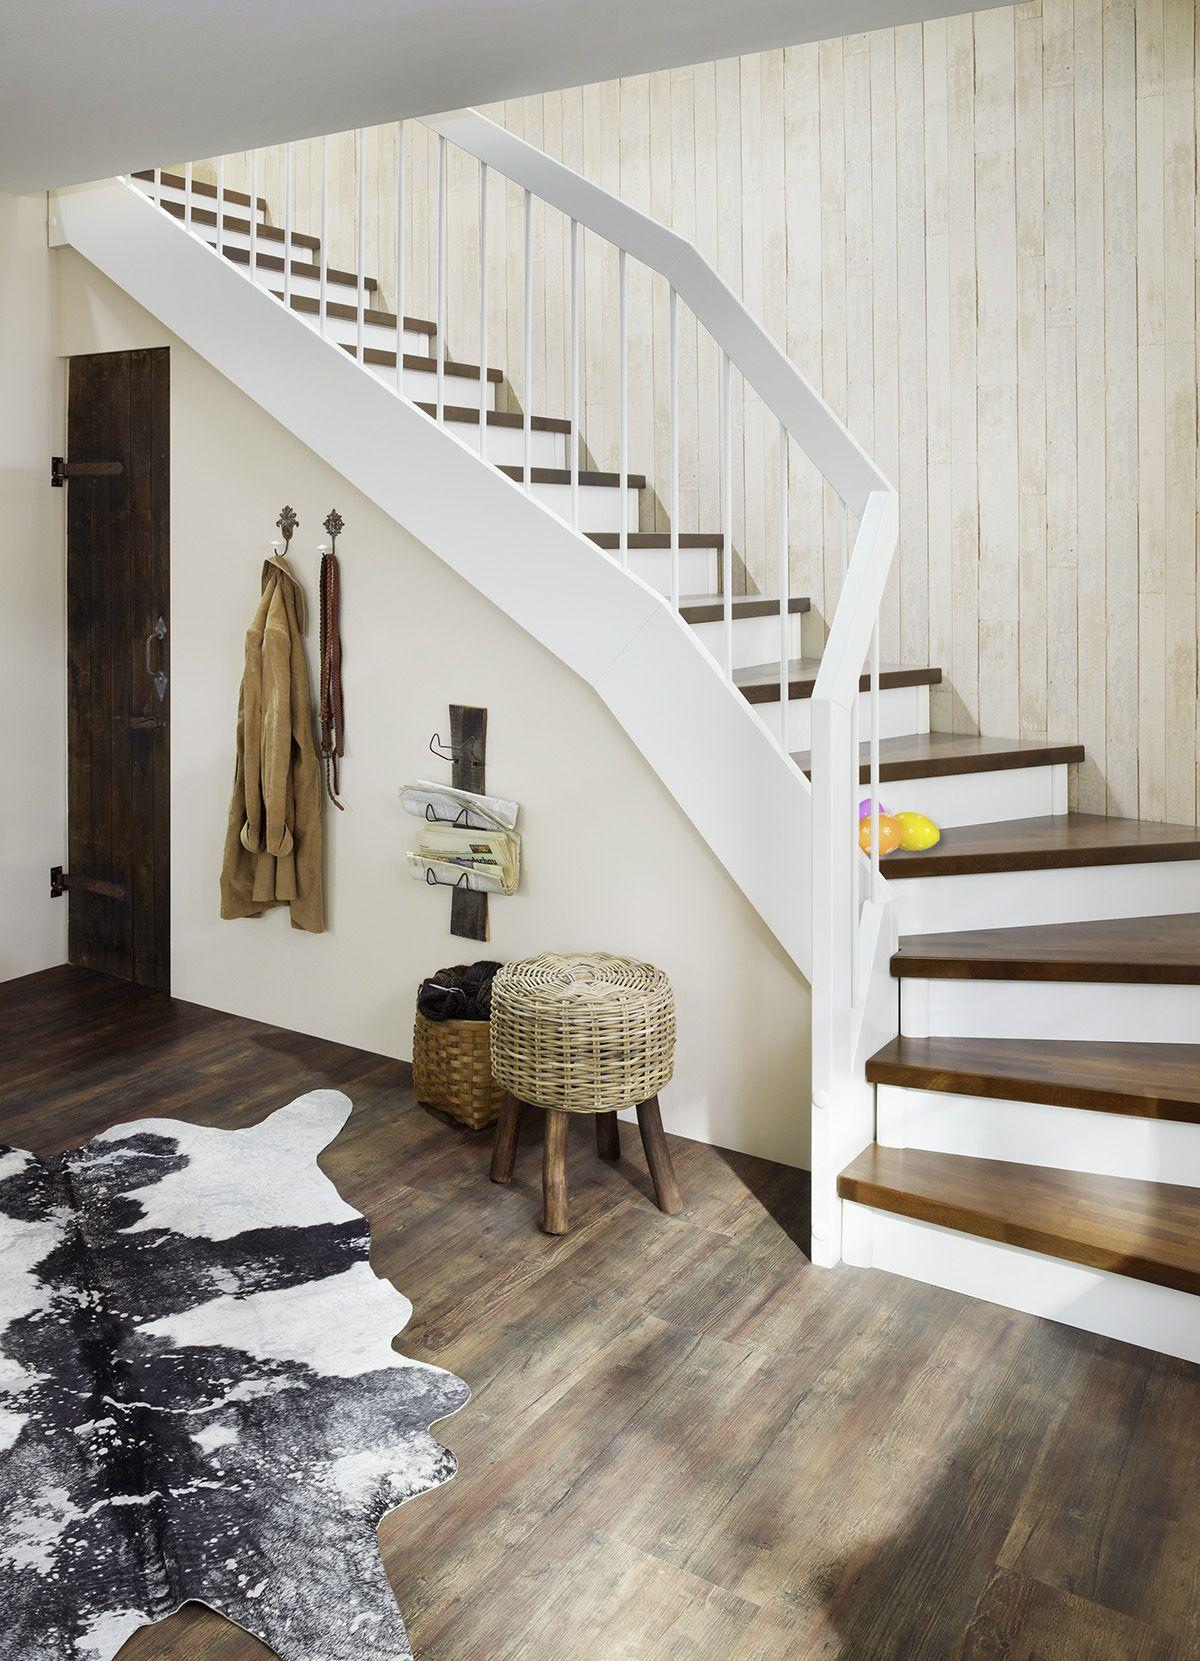 Entzückend Wiehl Treppen Sammlung Von Aufgepasst. Drinnen Ostereier Verstecken Und Suchen. Heute: